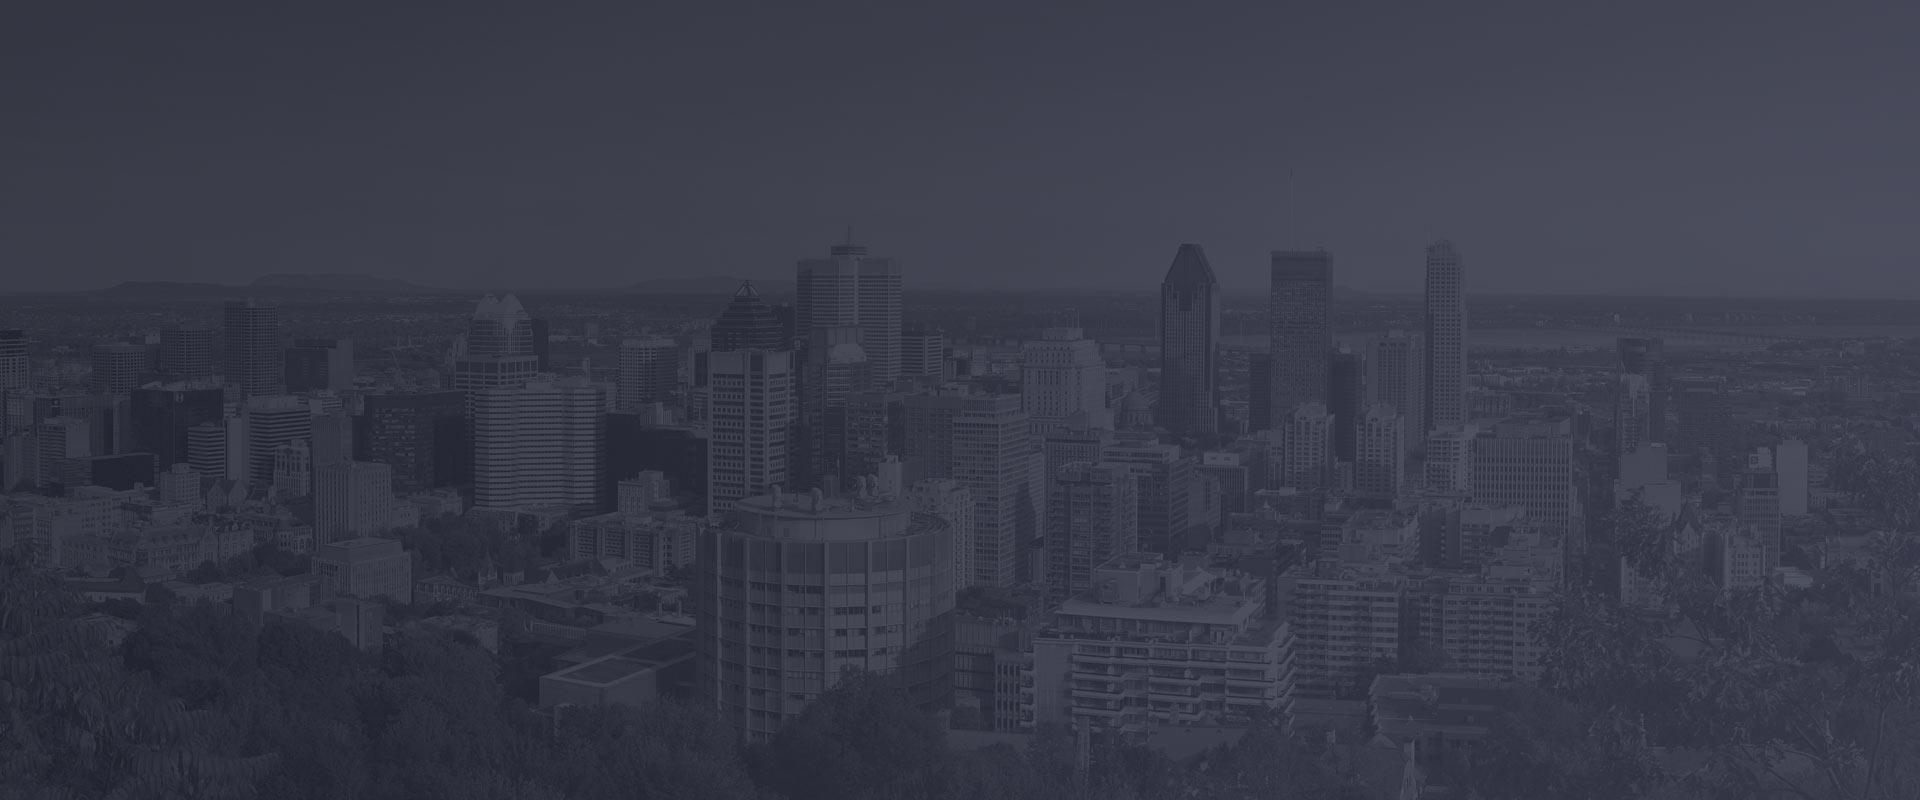 Centre-ville de Montréal - bureaux de la Communauté métropolitaine de Montréal